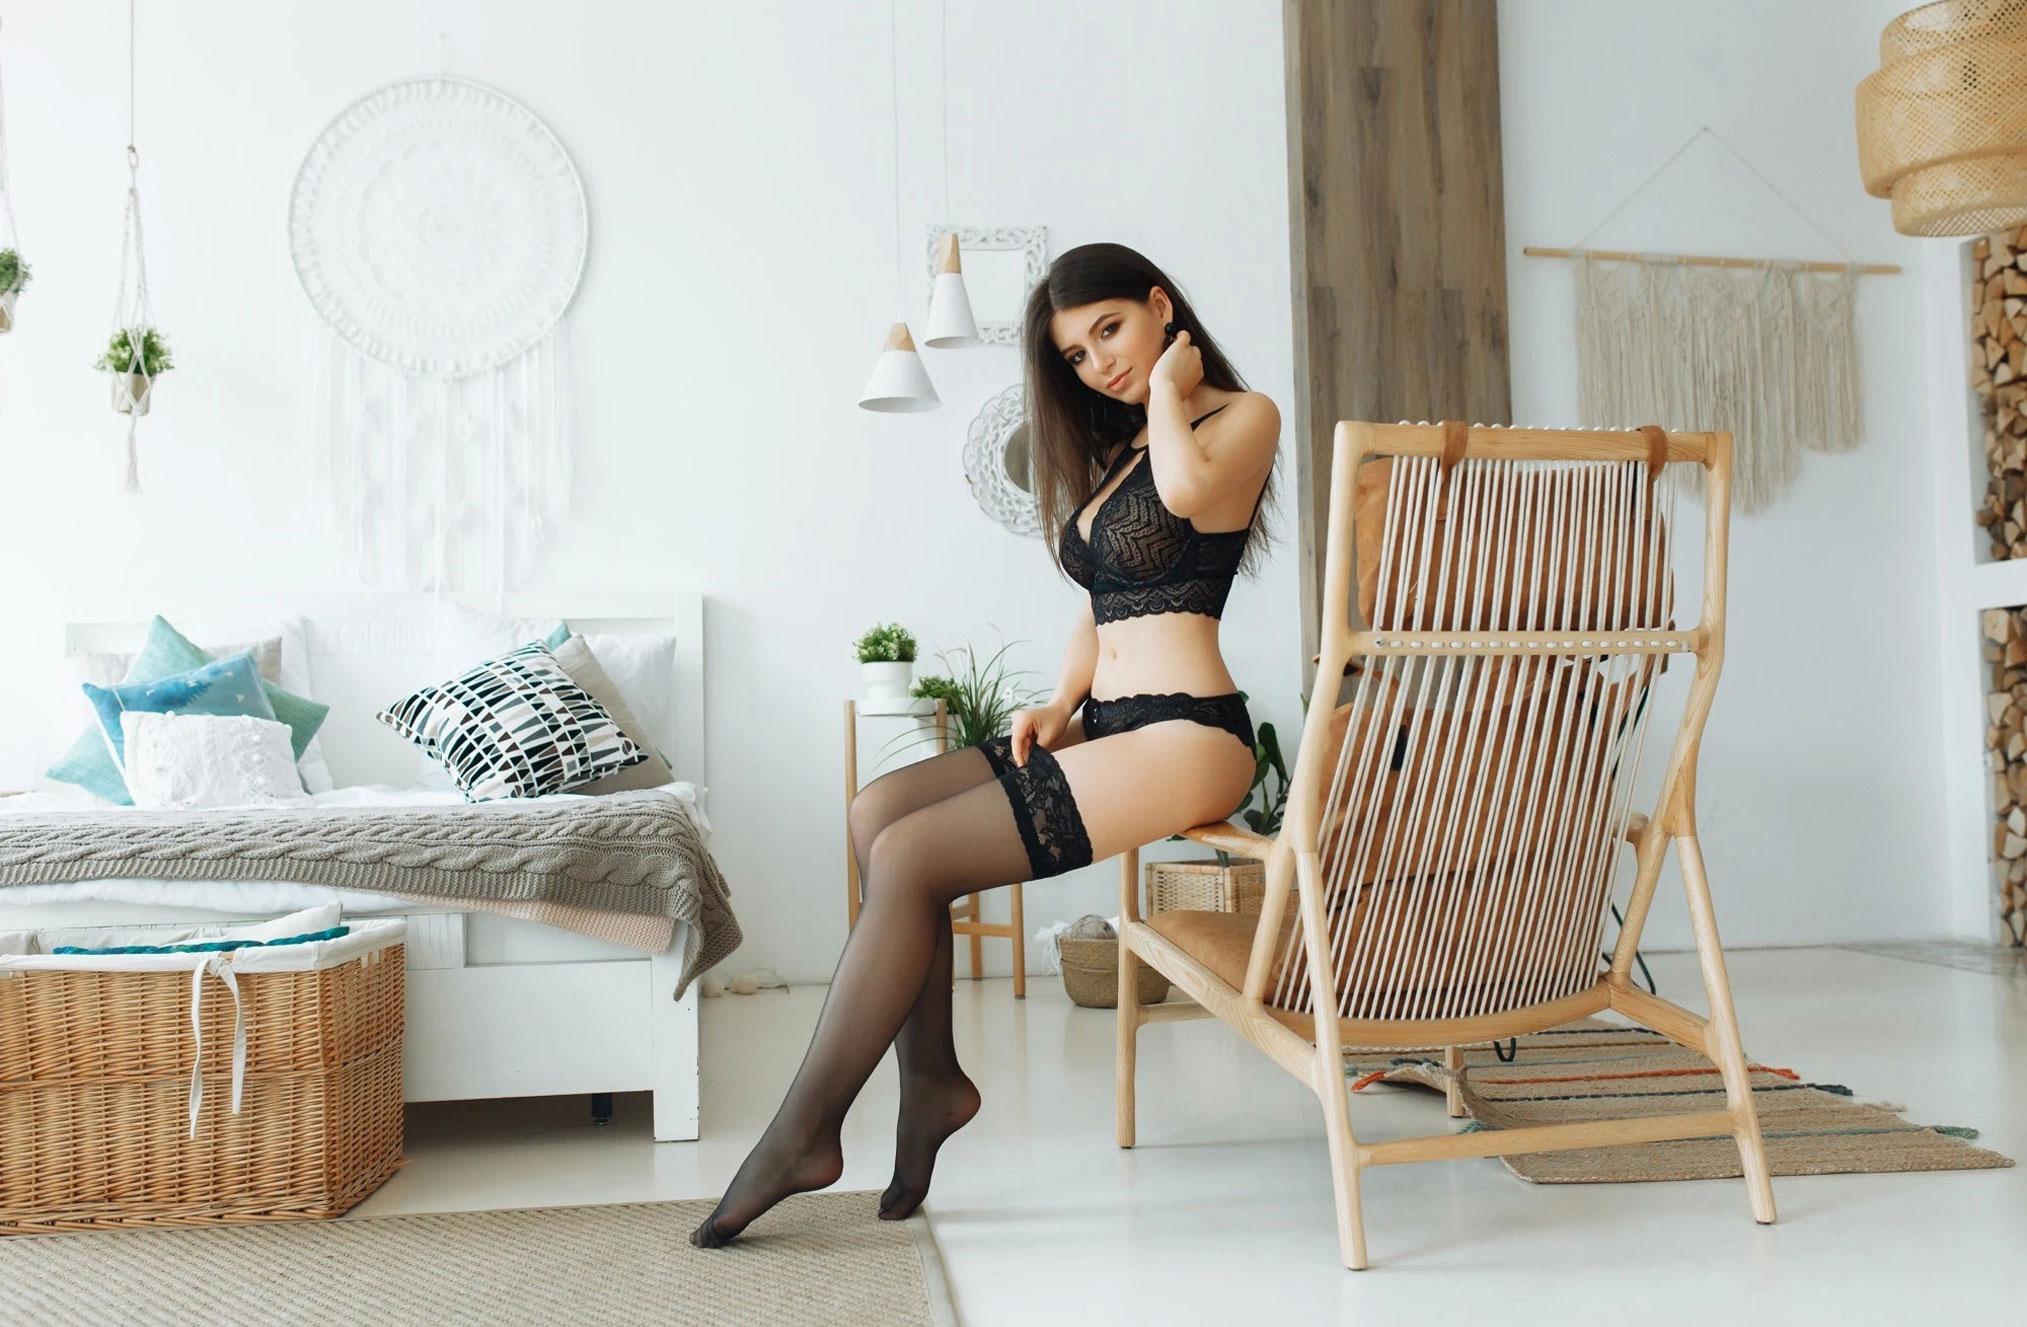 Наталья Андрейчук в черном нижнем белье / фото 01